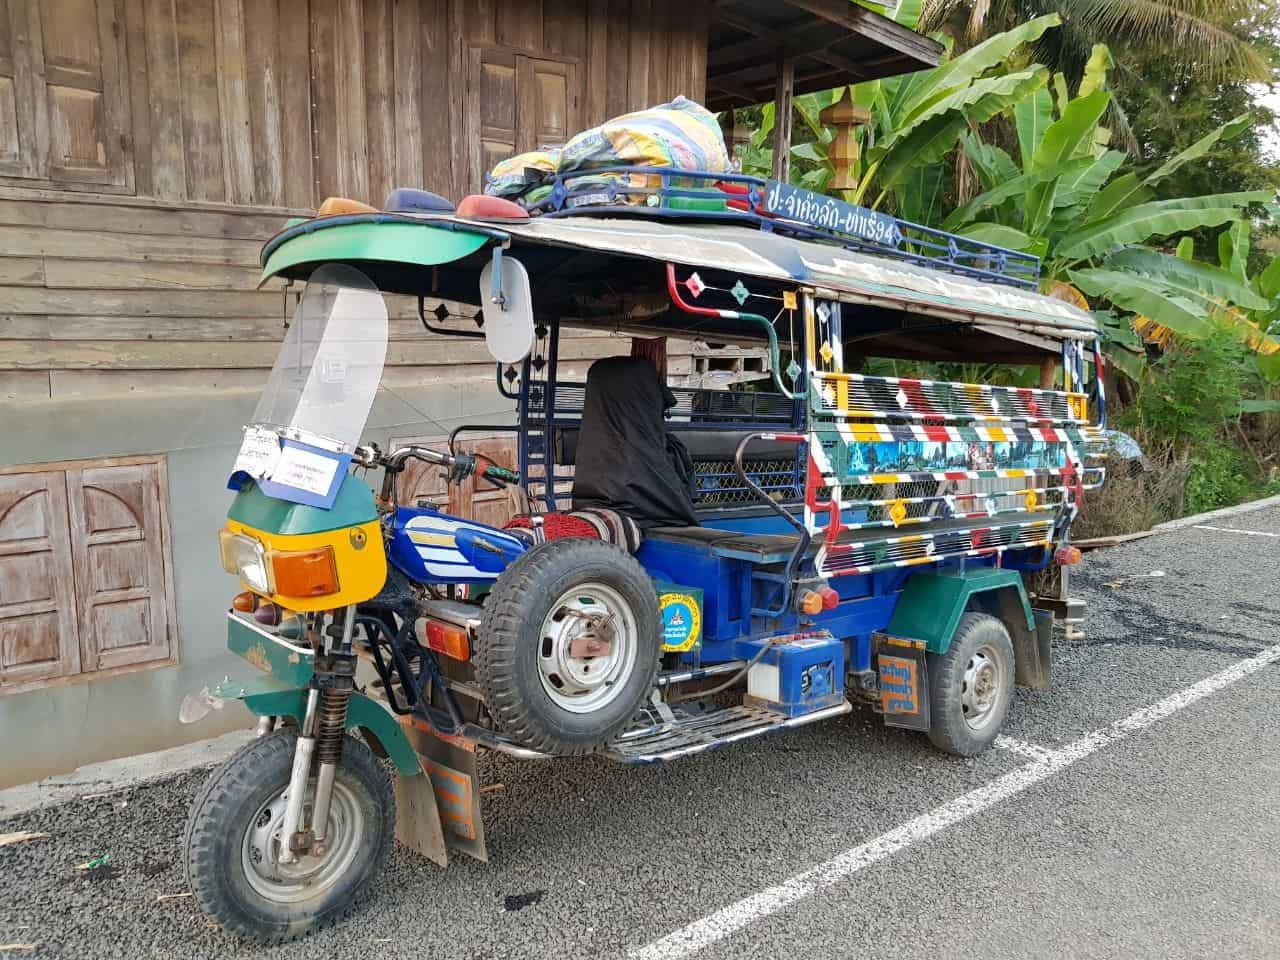 Типичный Лаосский тук-тук с задранным передом и запаской